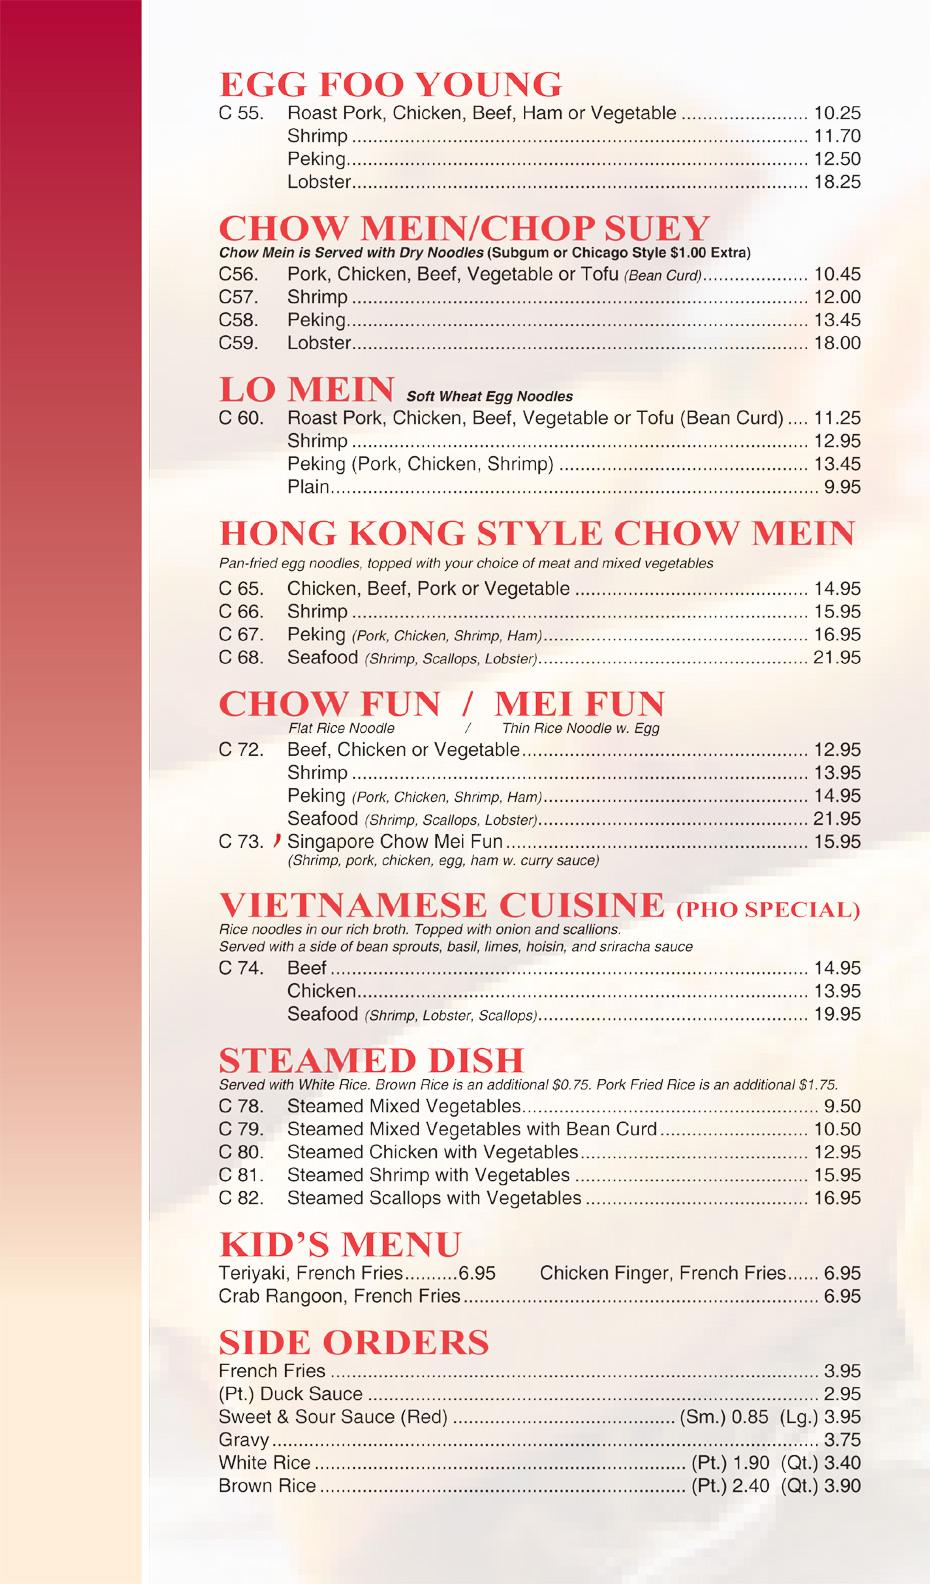 Egg Foo Young – Chow Mein / Chop Suey – Lo Mein – Hong Kong Style Chow Mein – Chow Fun / Mei Fun